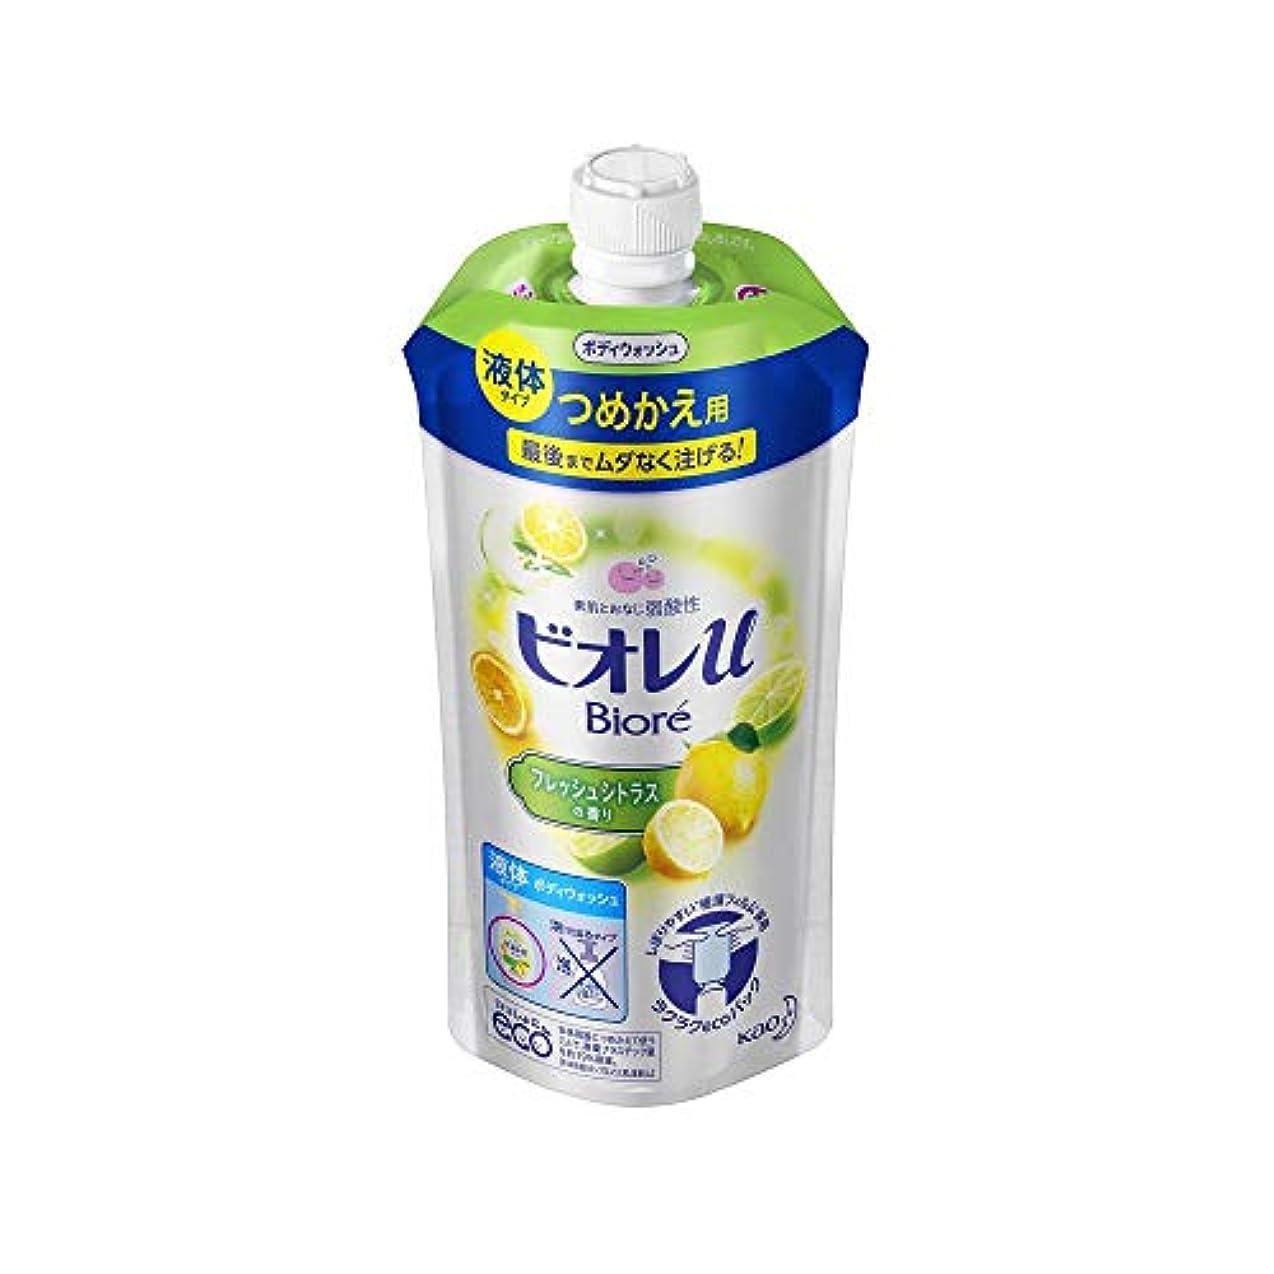 専門知識例外陰気花王 ビオレu フレッシュシトラスの香りつめかえ用 340ML